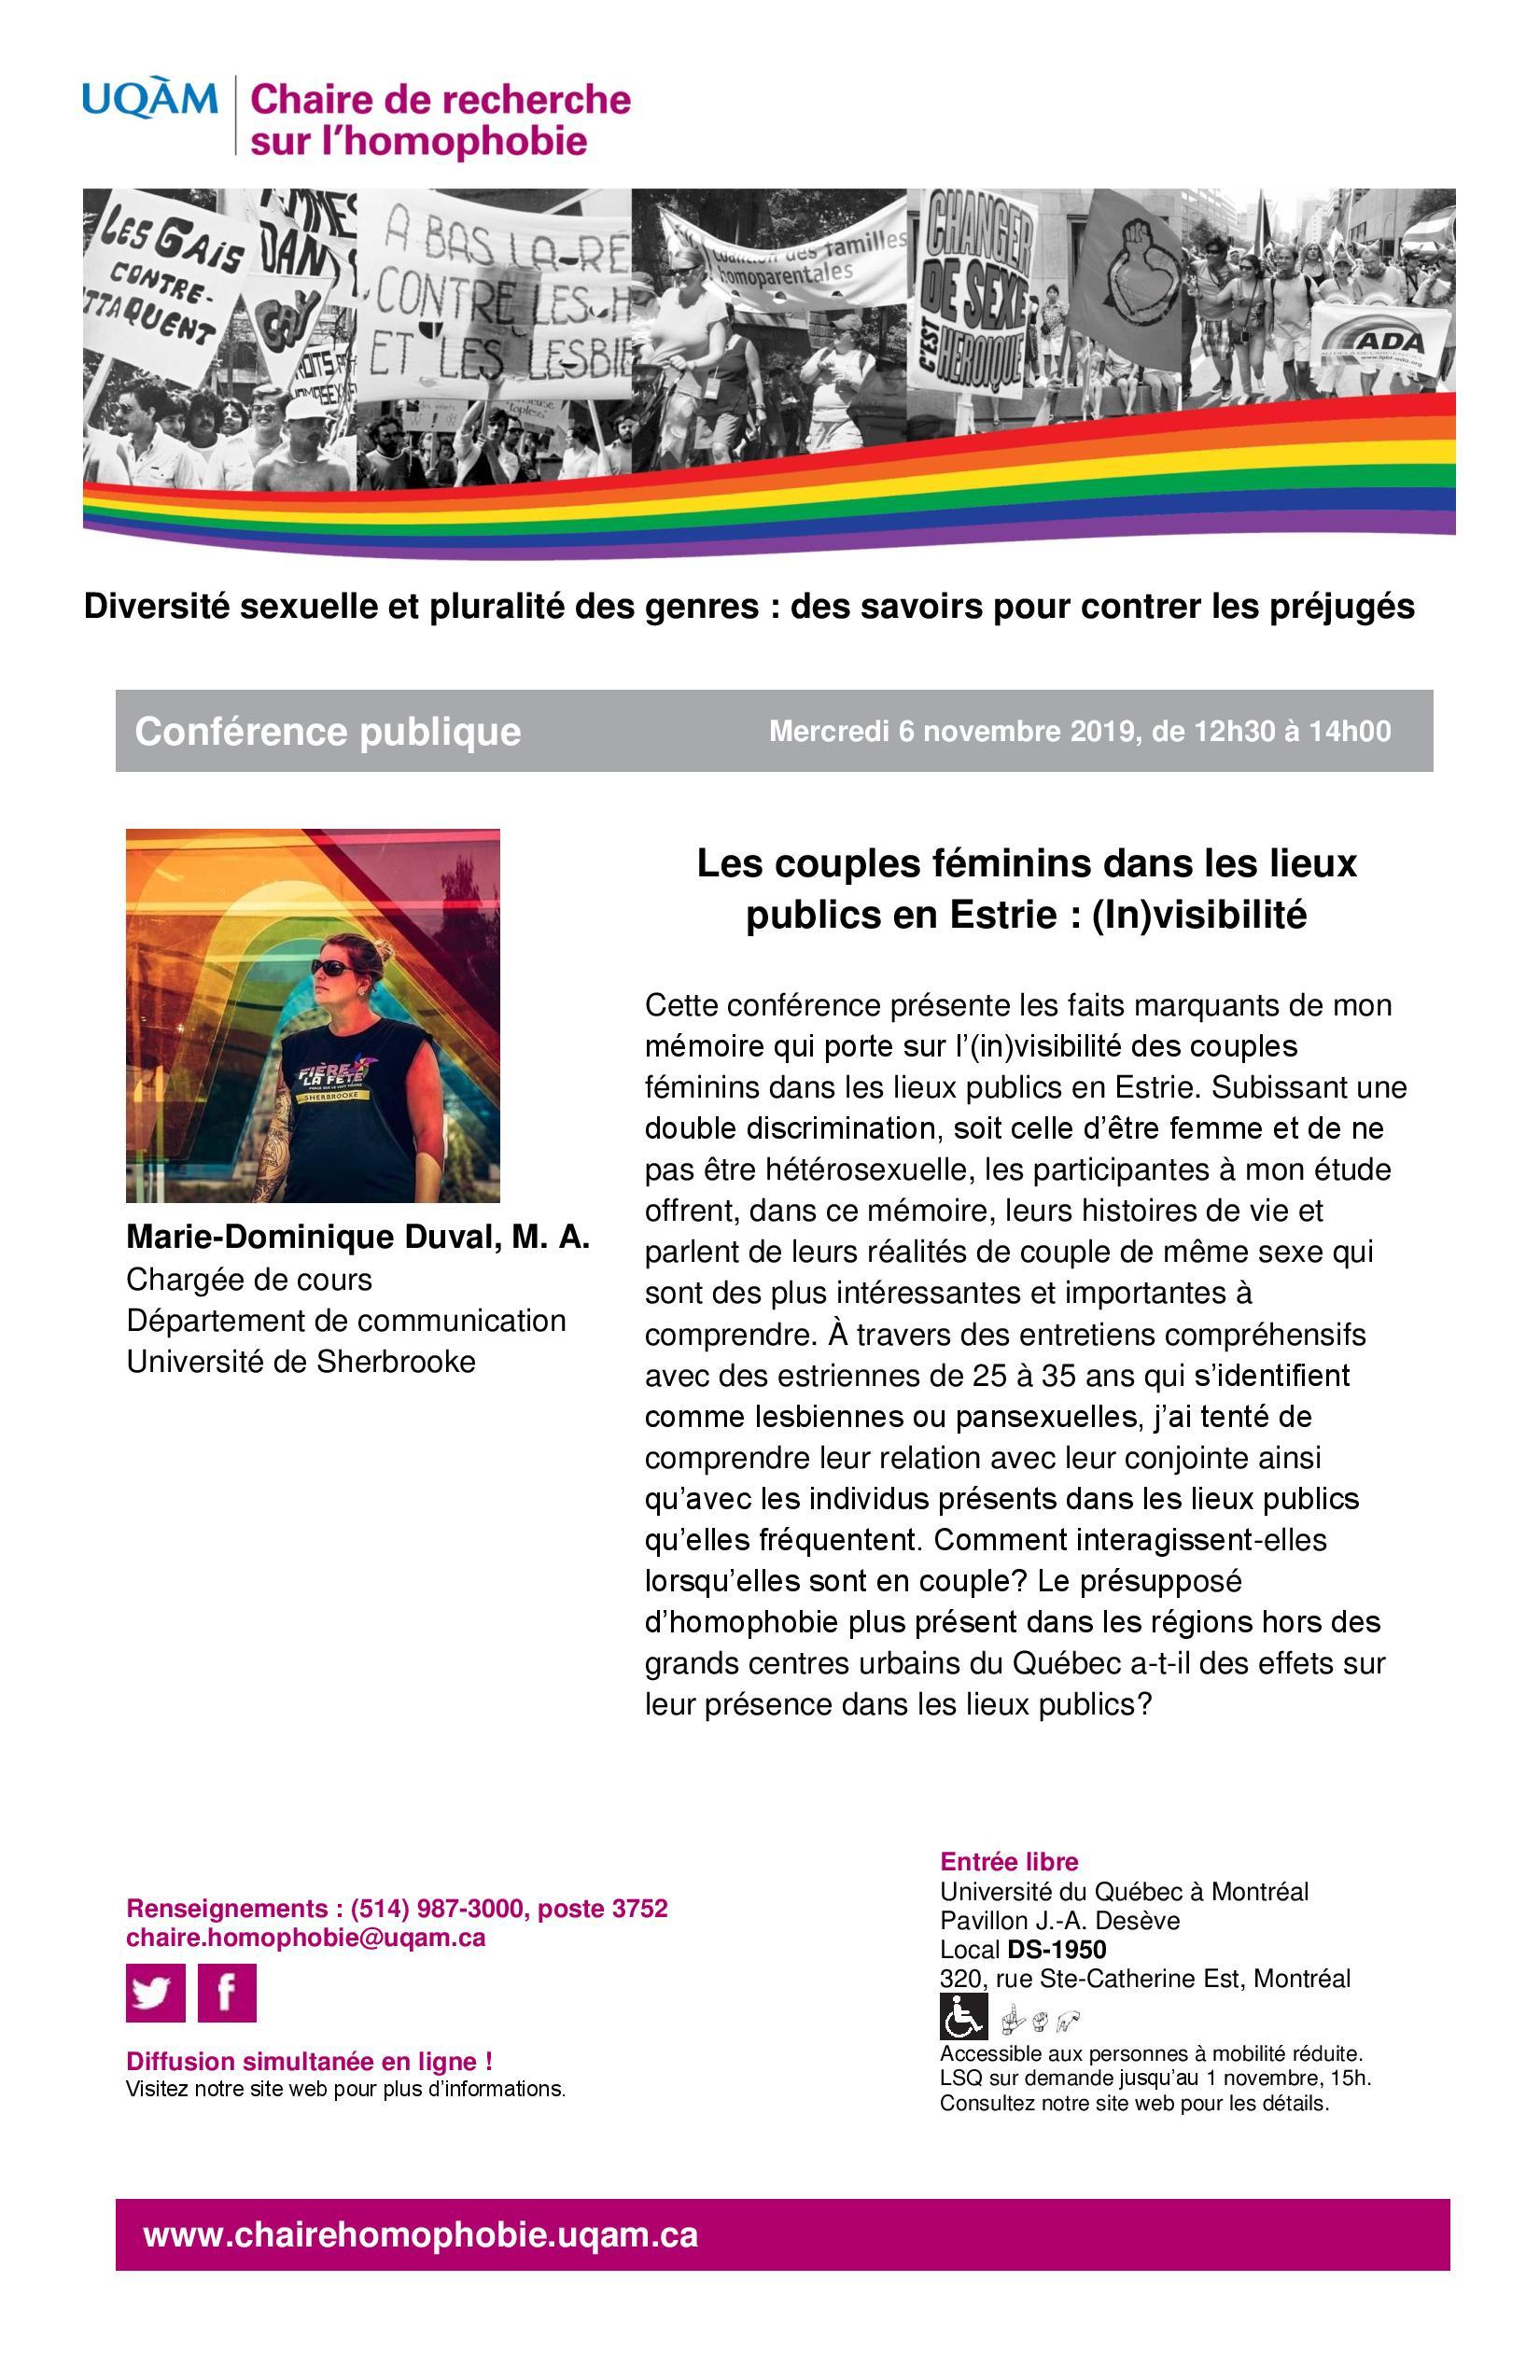 CONFÉRENCE PUBLIQUE |  Les couples féminins dans les lieux publics en Estrie : (In)visibilité